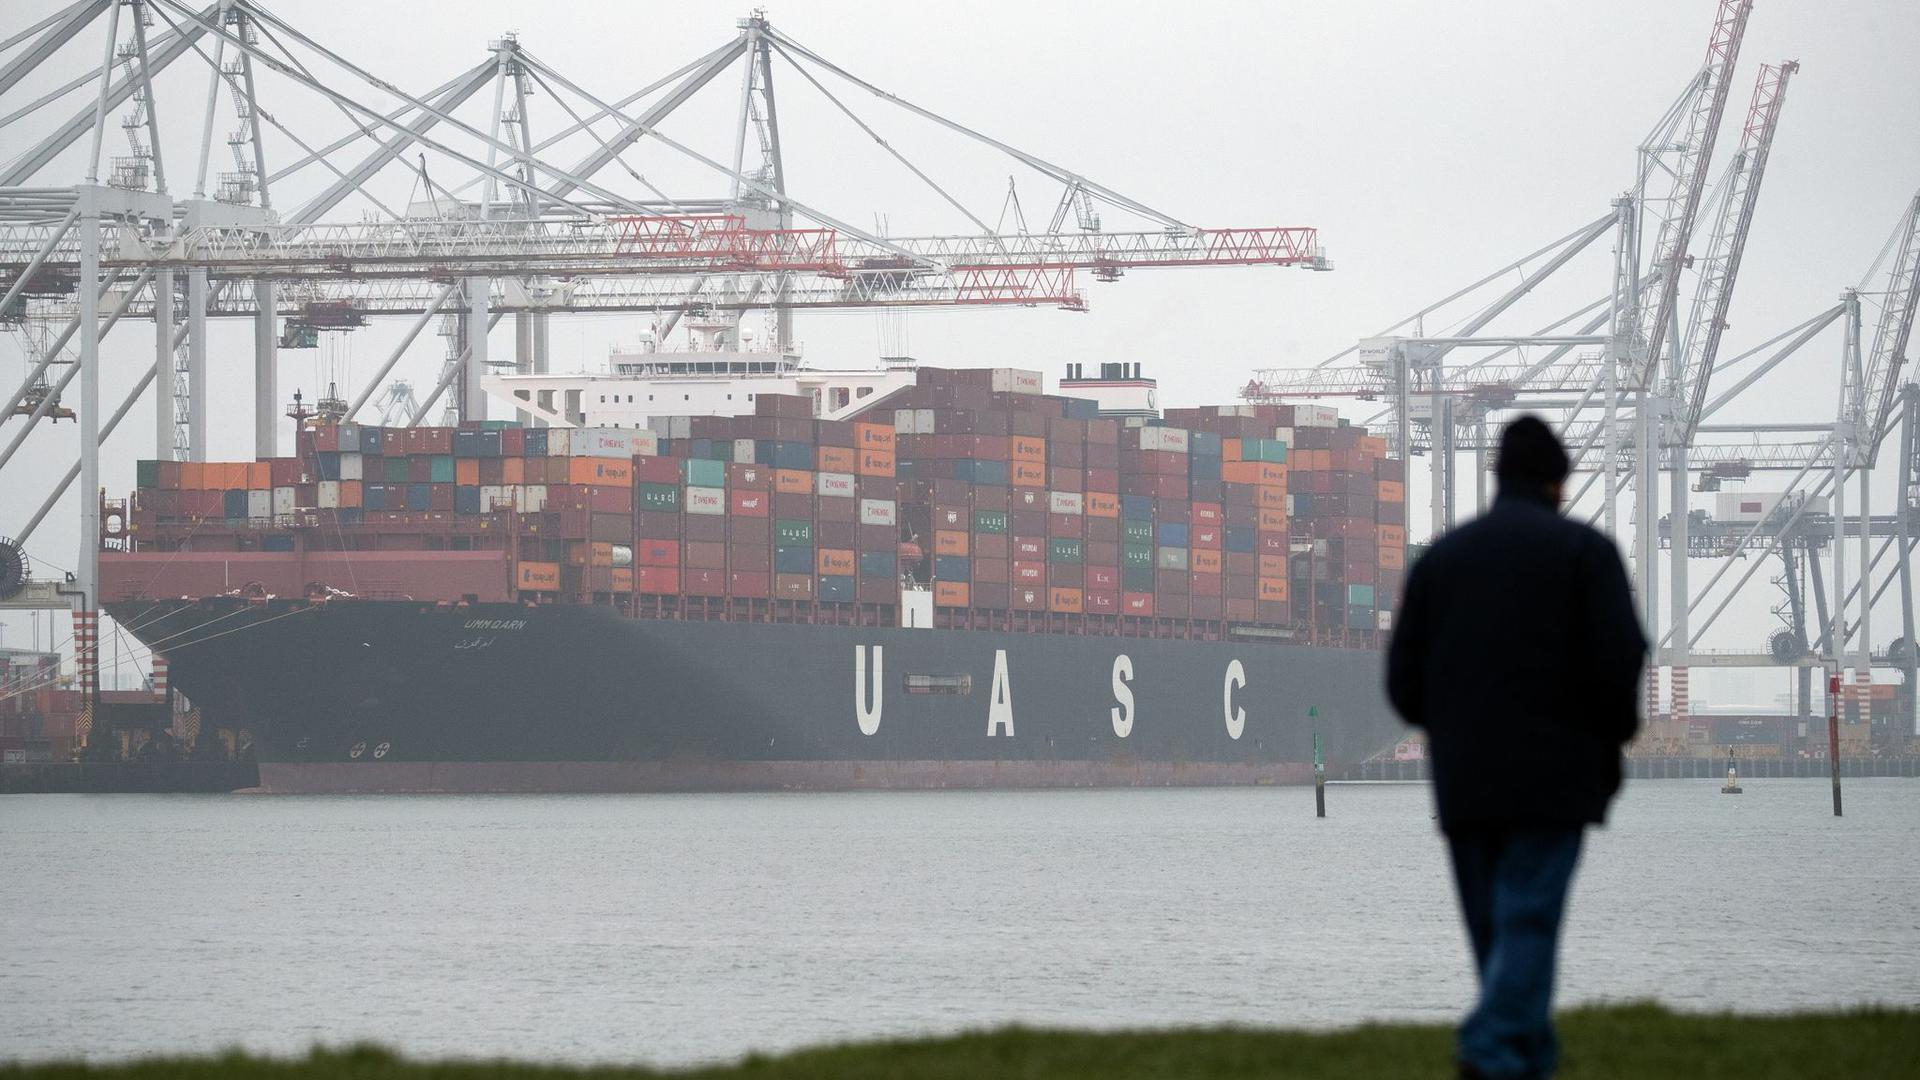 Containerschiff am Liegeplatz des DP World Containerterminals im Hafen von Southampton.